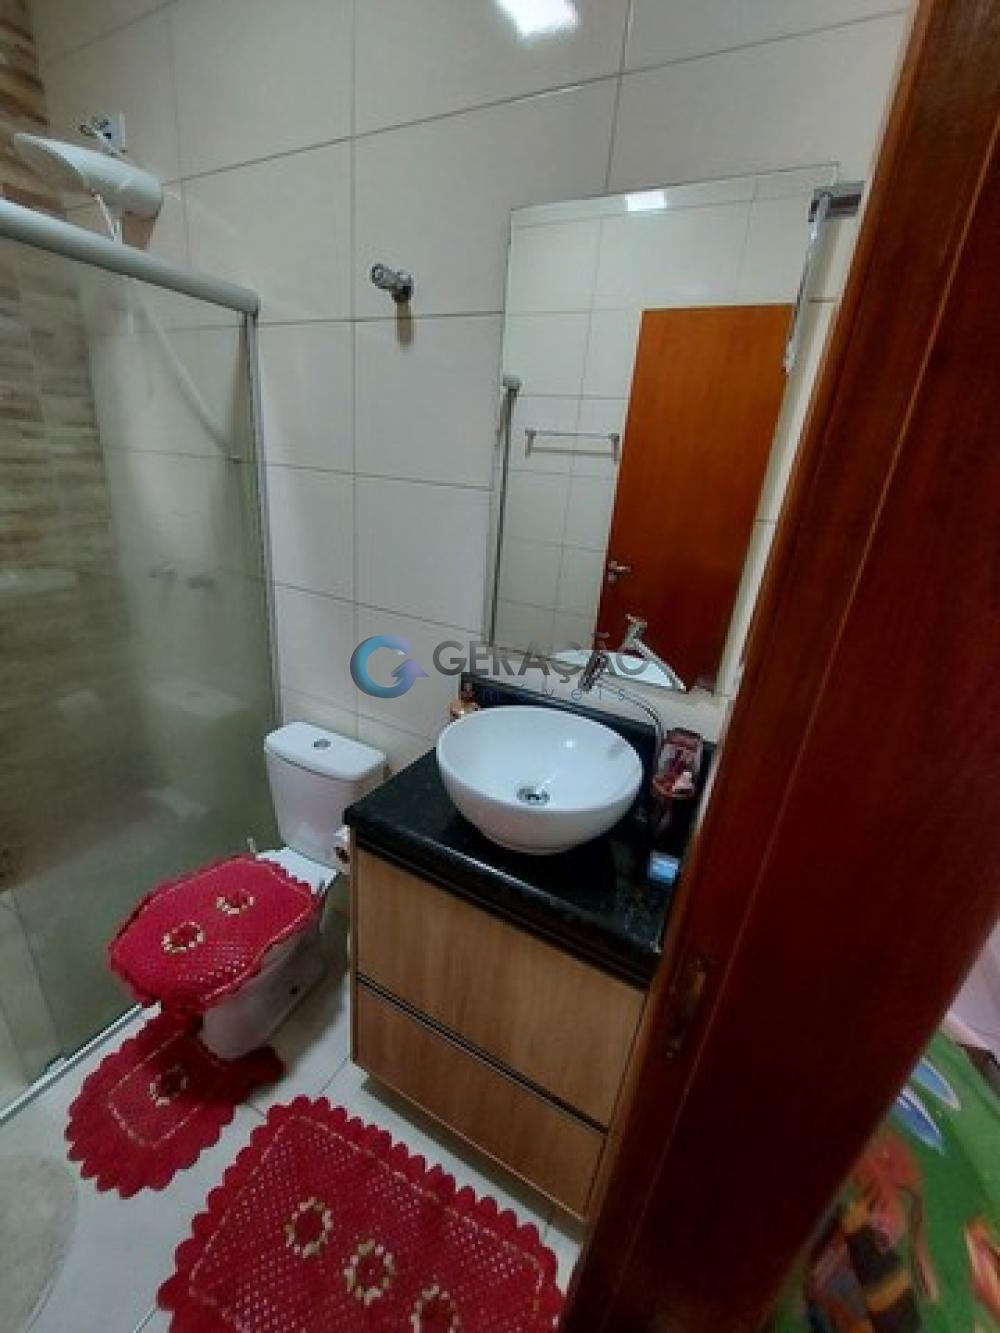 Comprar Casa / Padrão em São José dos Campos R$ 240.000,00 - Foto 6